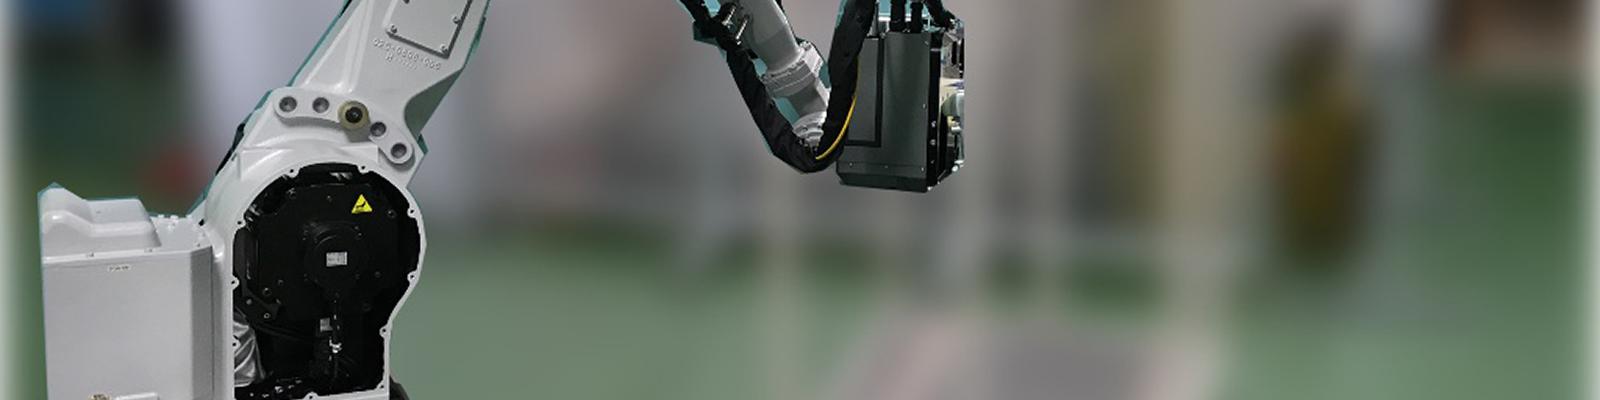 産業用ロボット応用設備